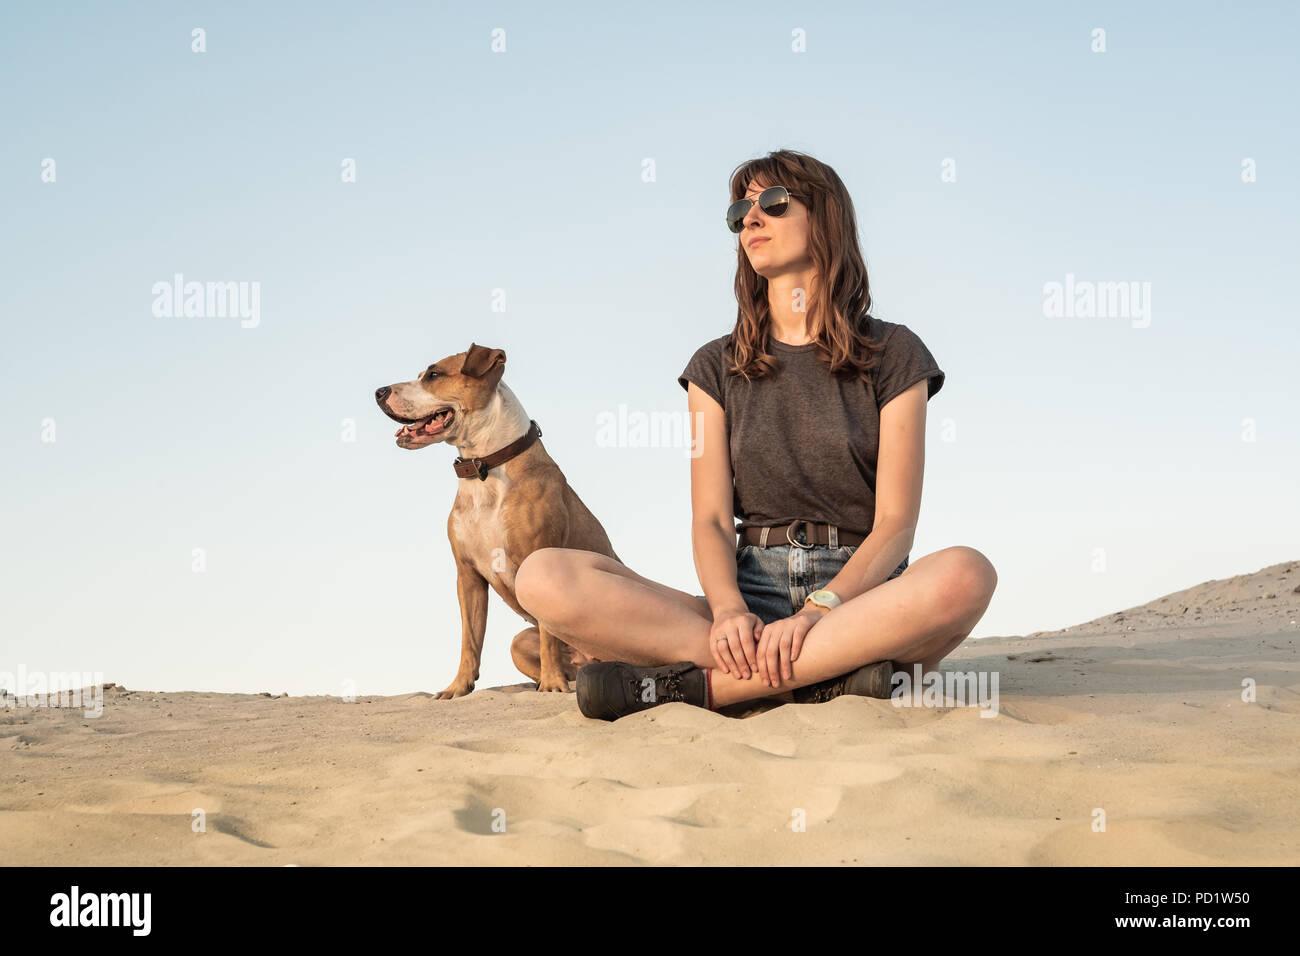 Hermosa joven en gafas de sol con perro sentarse en la arena. Chica en senderismo ropa casual y staffordshire terrier cachorro sentado en la arena de la playa o en d Imagen De Stock